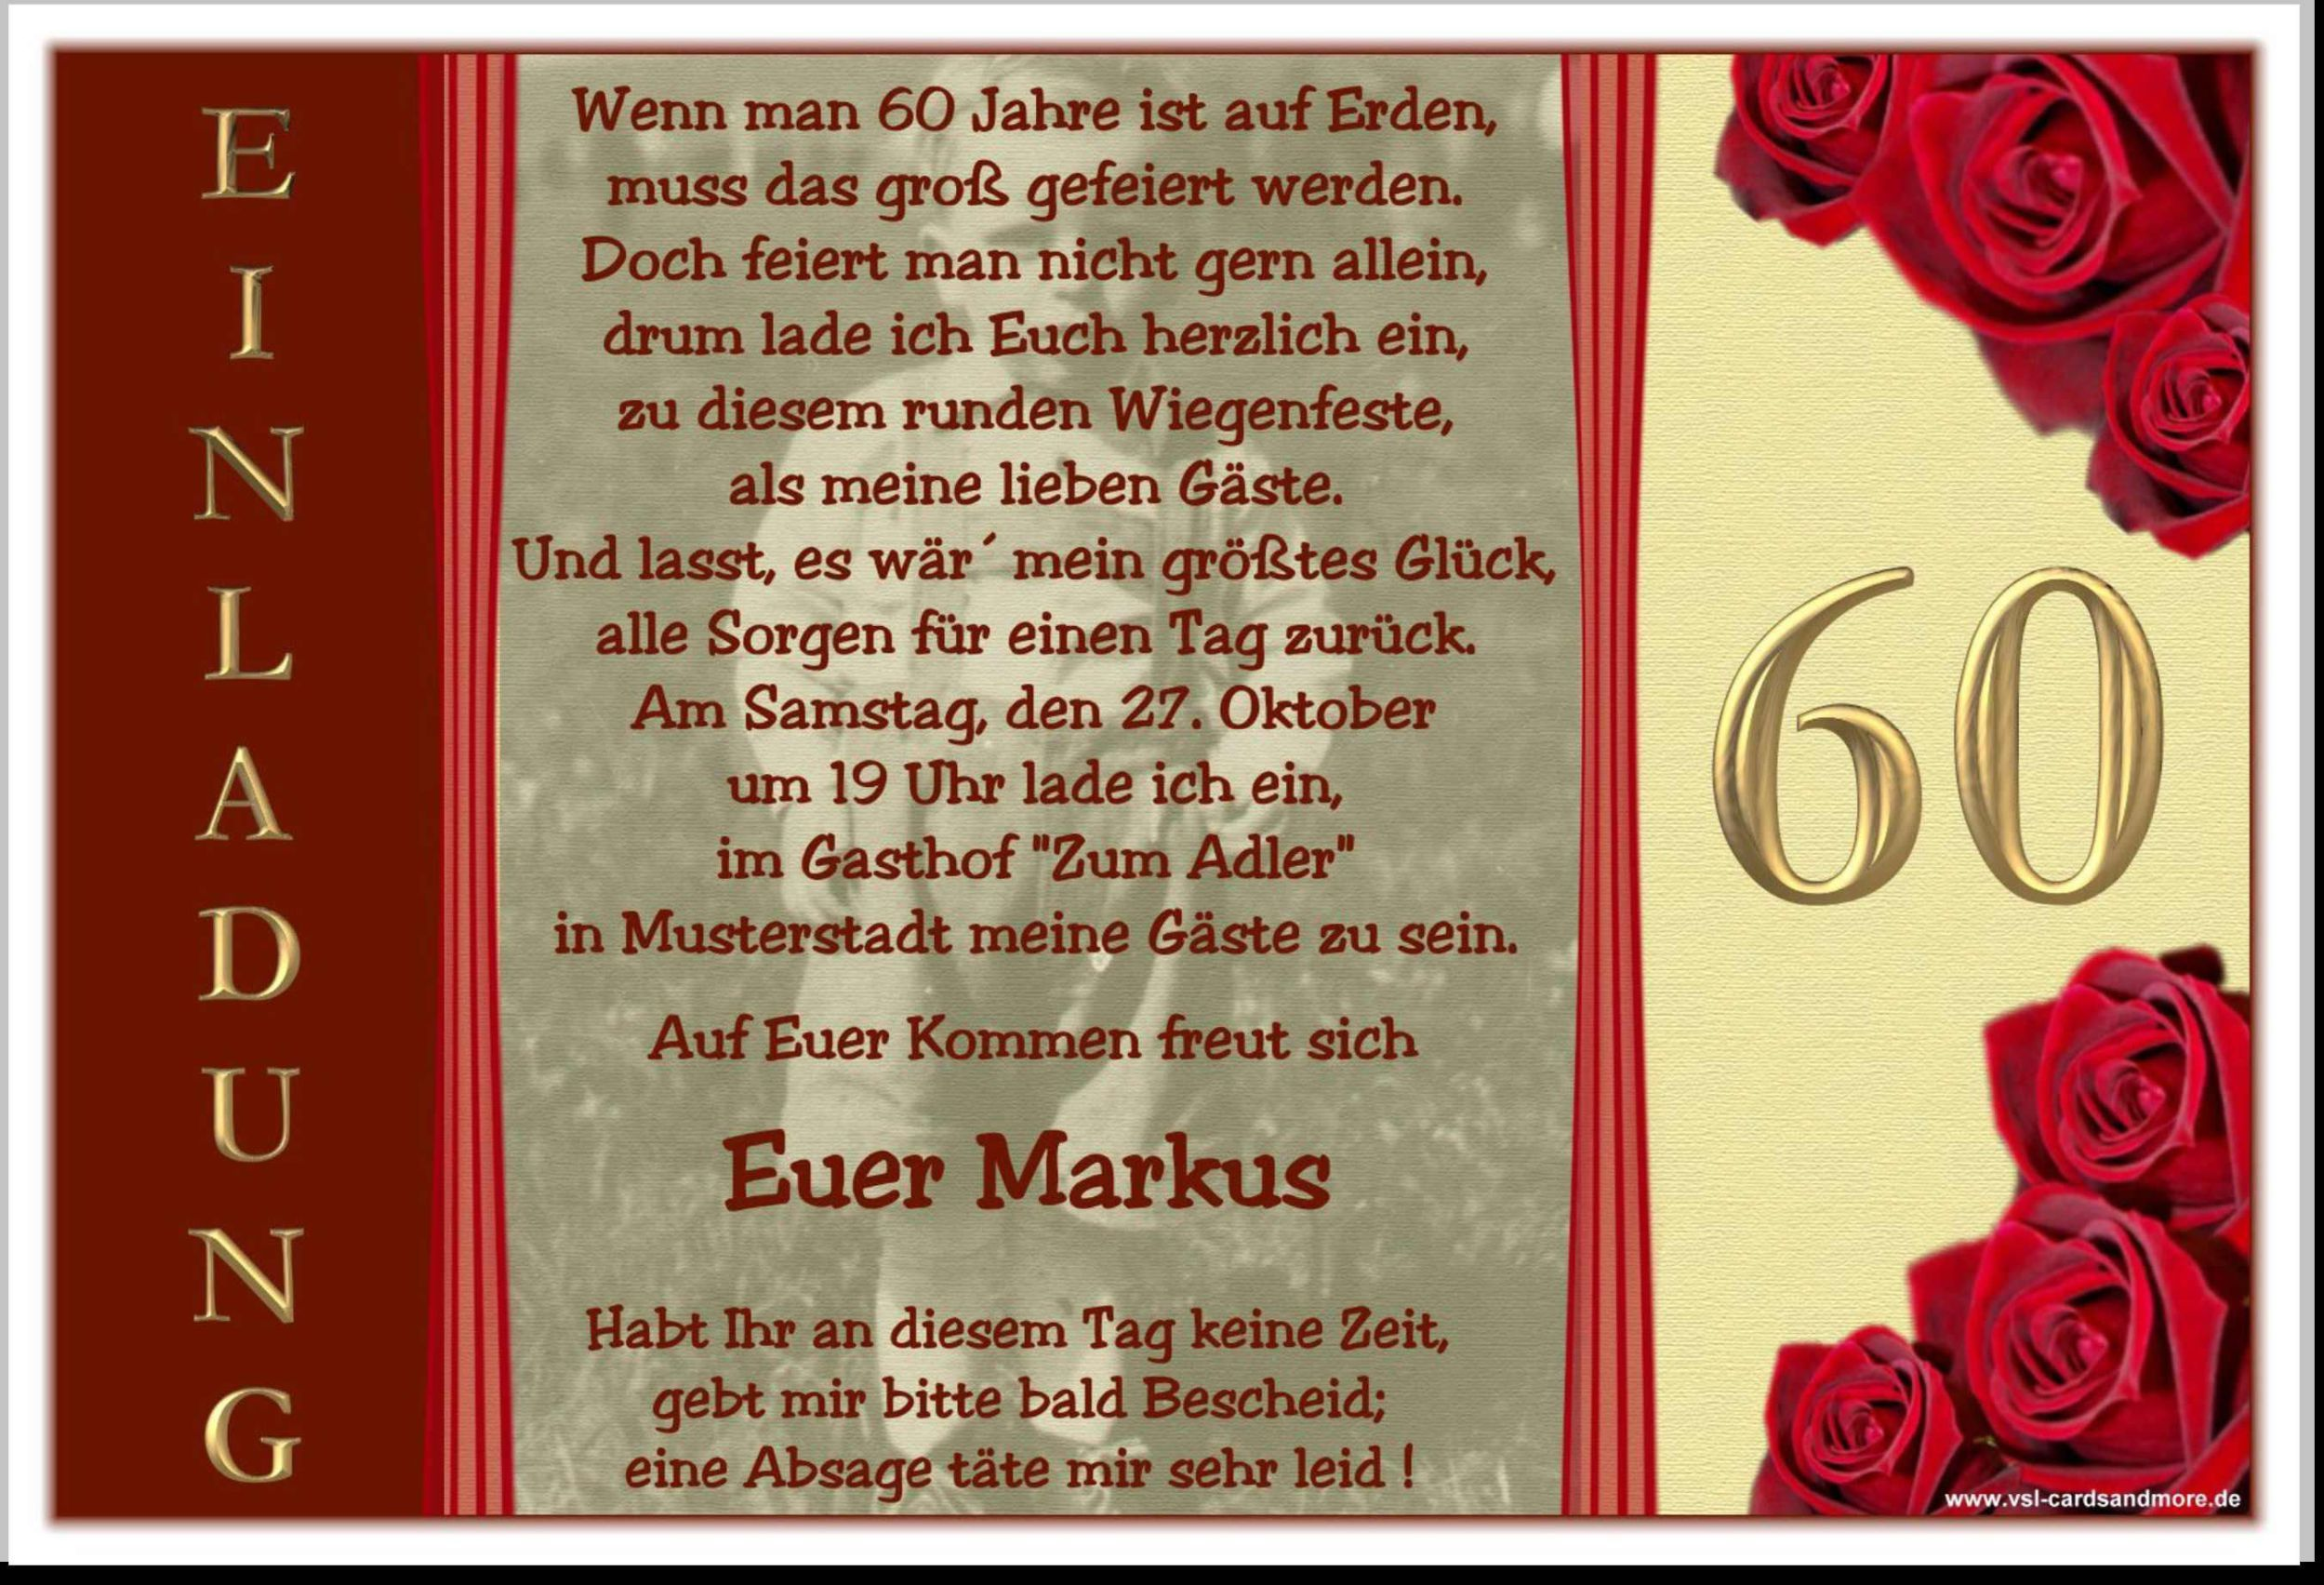 Einladungskarten Geburtstag 60 Vorlagen Kostenlos Einladung Zum Geburtstag Einladung Geburtstag Text Einladung 60 Geburtstag Einladung Geburtstag